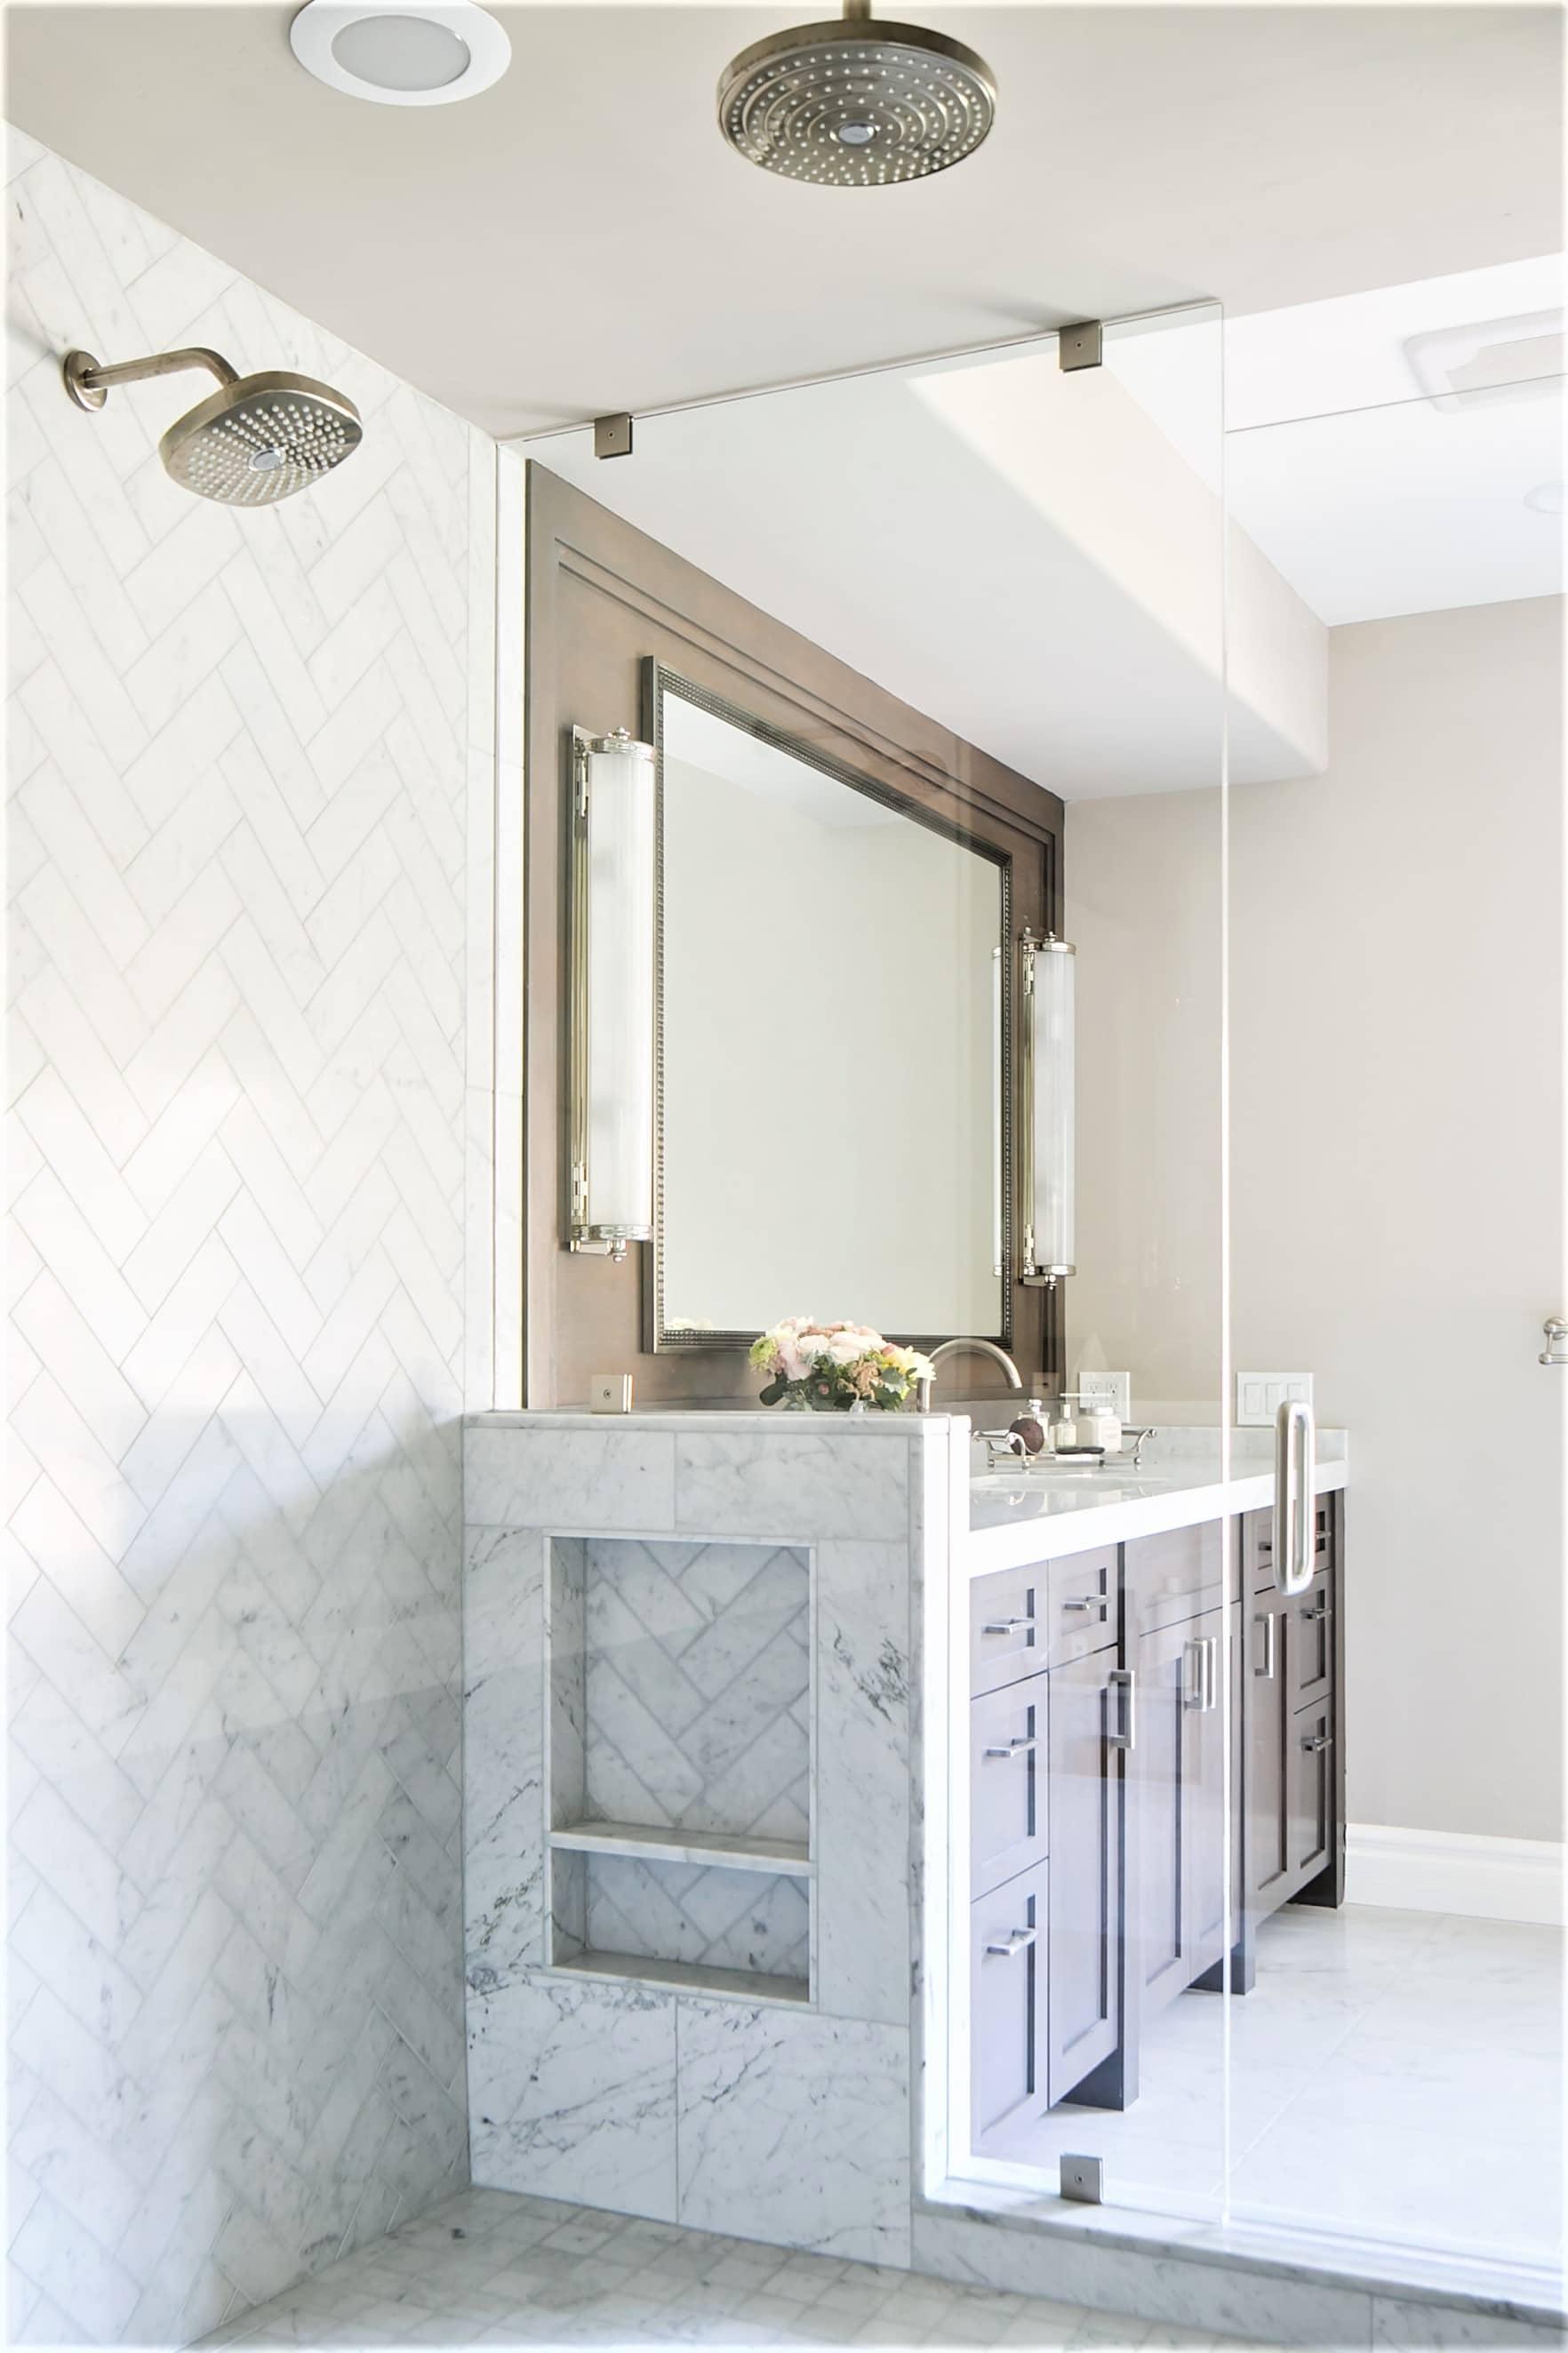 Jill Shevlin Design Vero Beach Interior Designer Master Bath Renovation